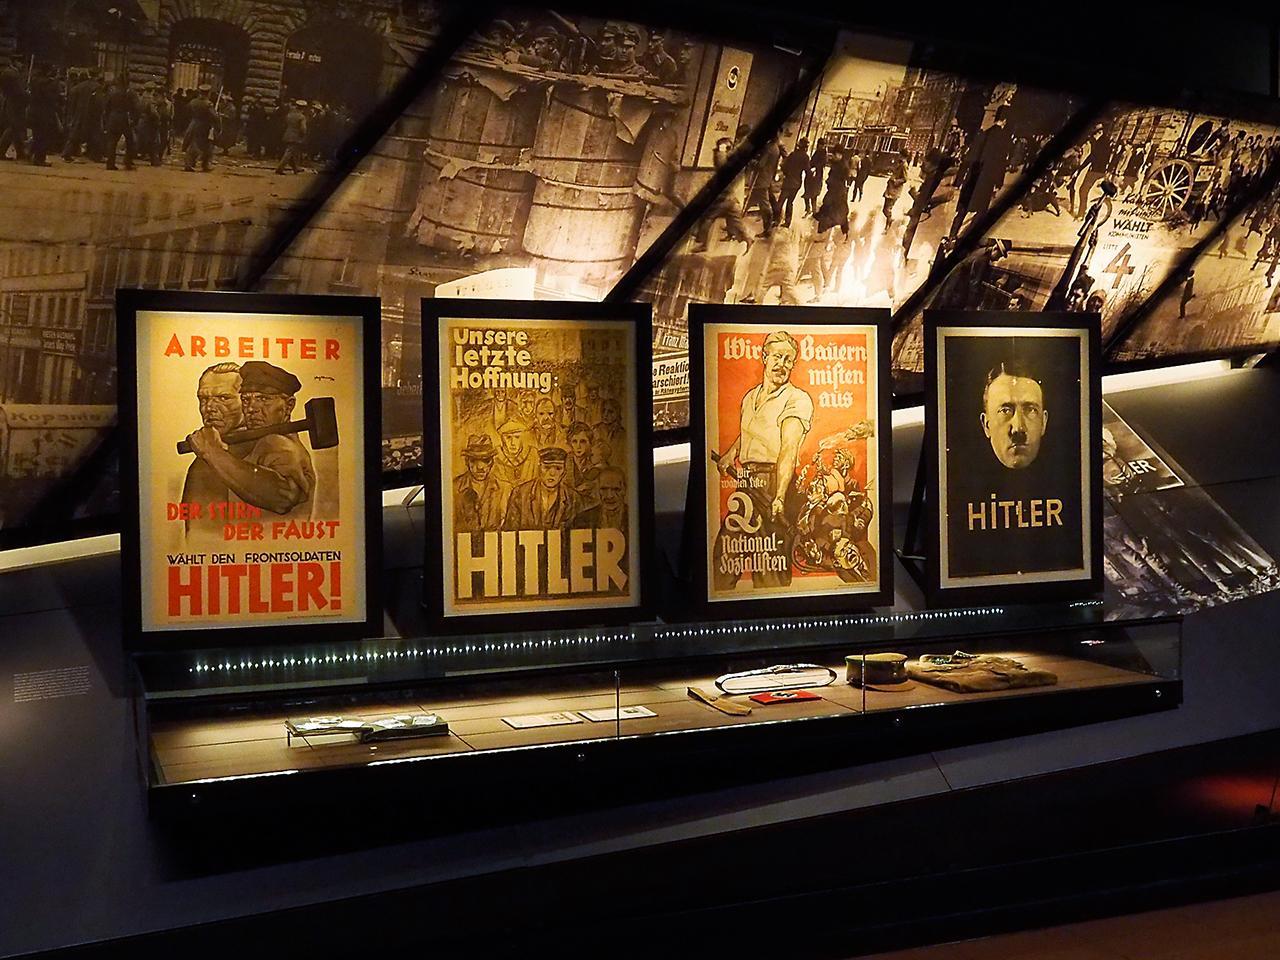 affiches à l'effigie d'Hitler dans une galerie de musée